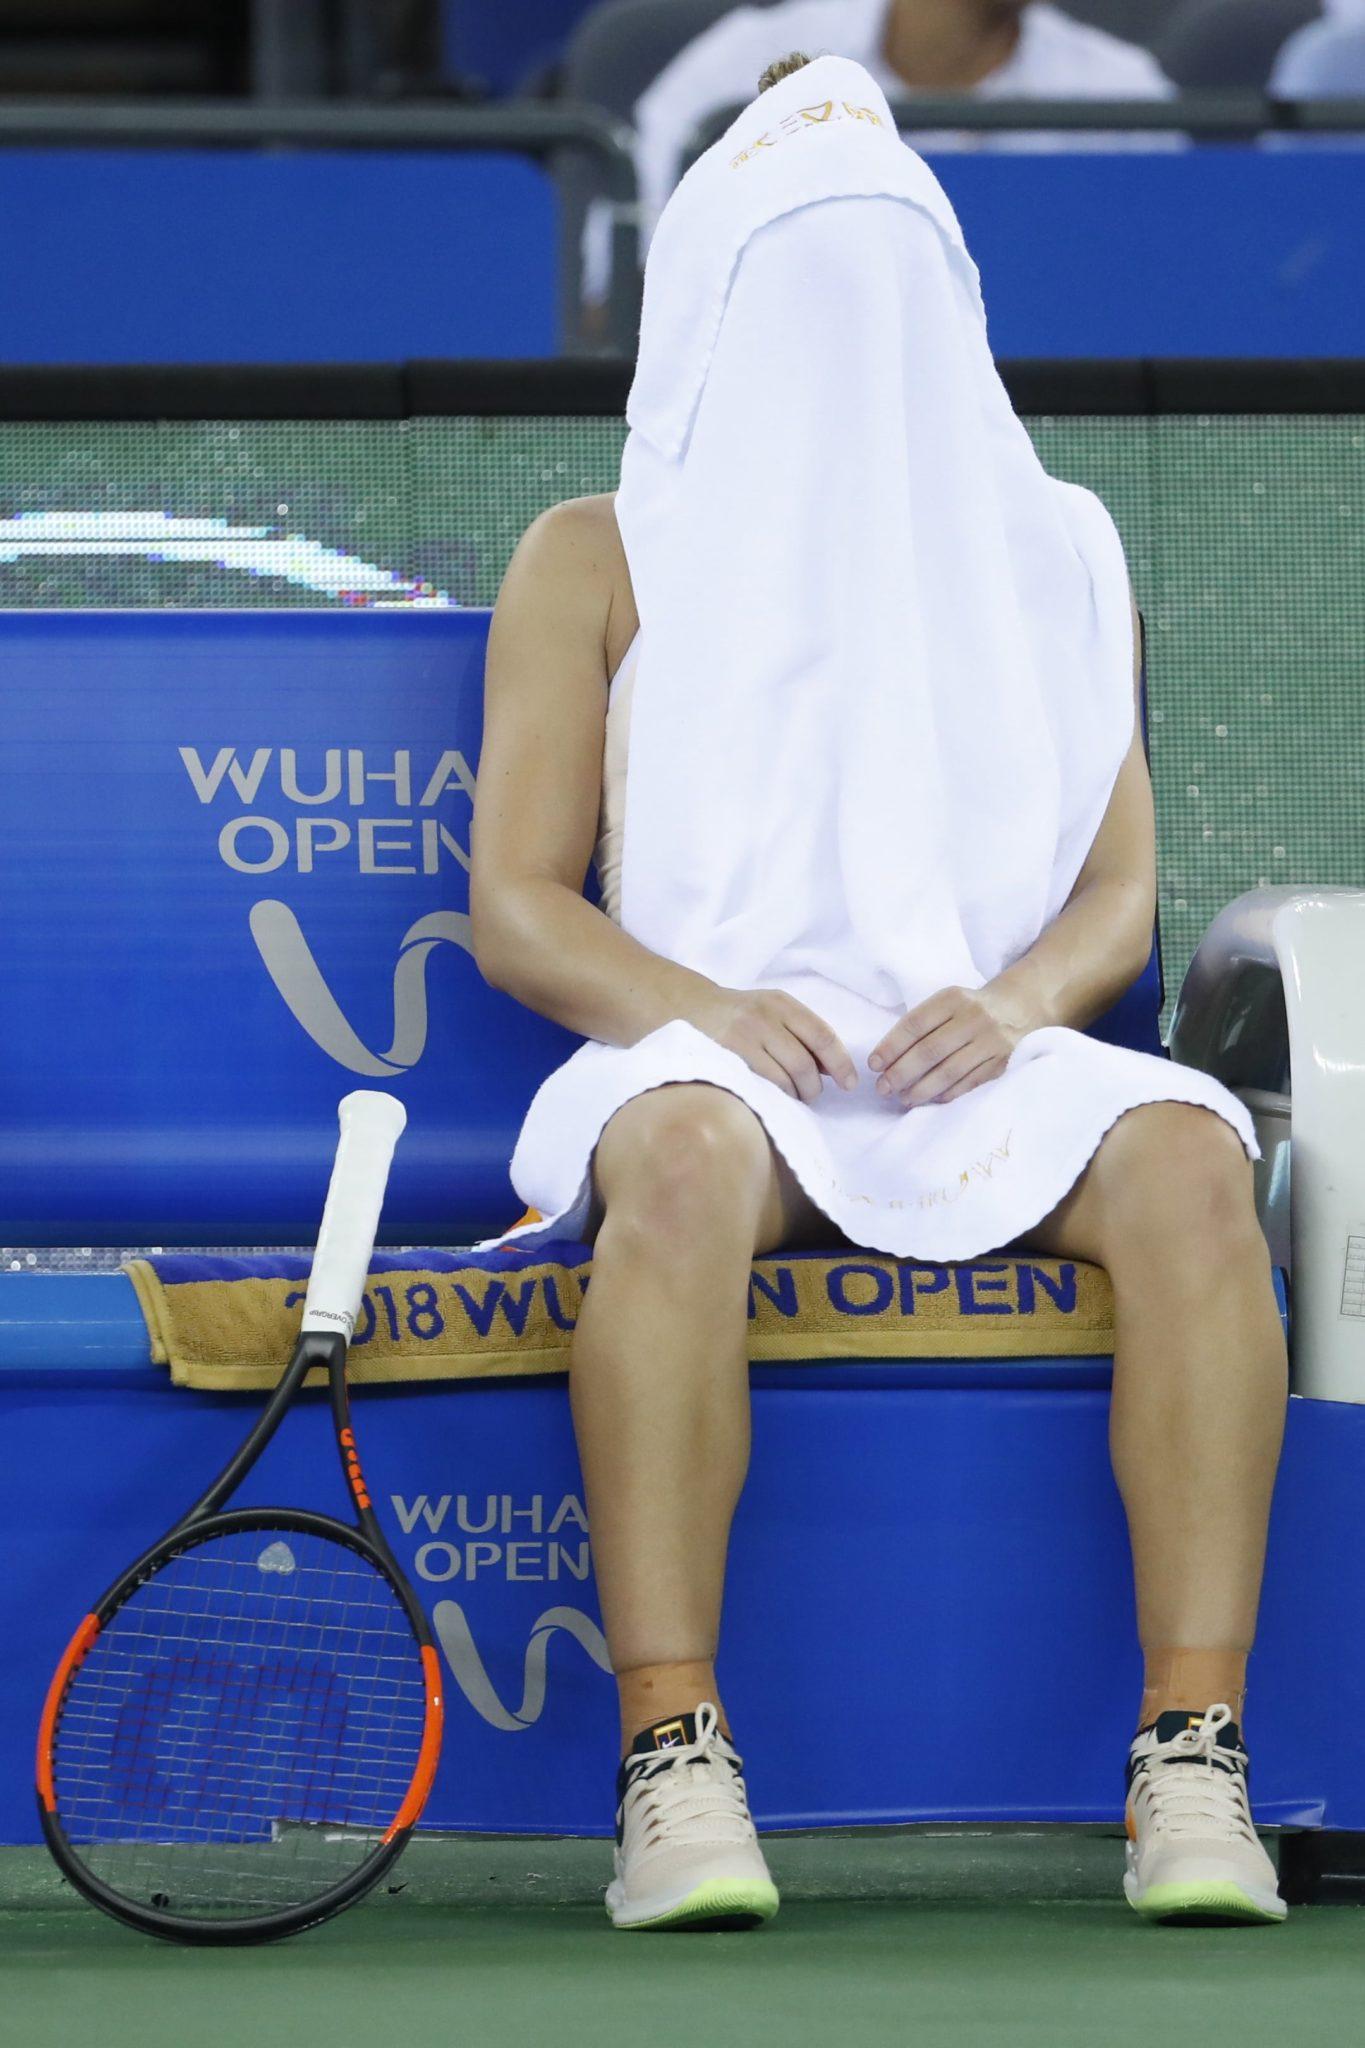 Chiny: Simona Halep z Rumunii w przerwie podczas drugiej rundy meczu z Dominika Cibulkova ze Słowacji, fot. Wu Hong, PAP/EPA